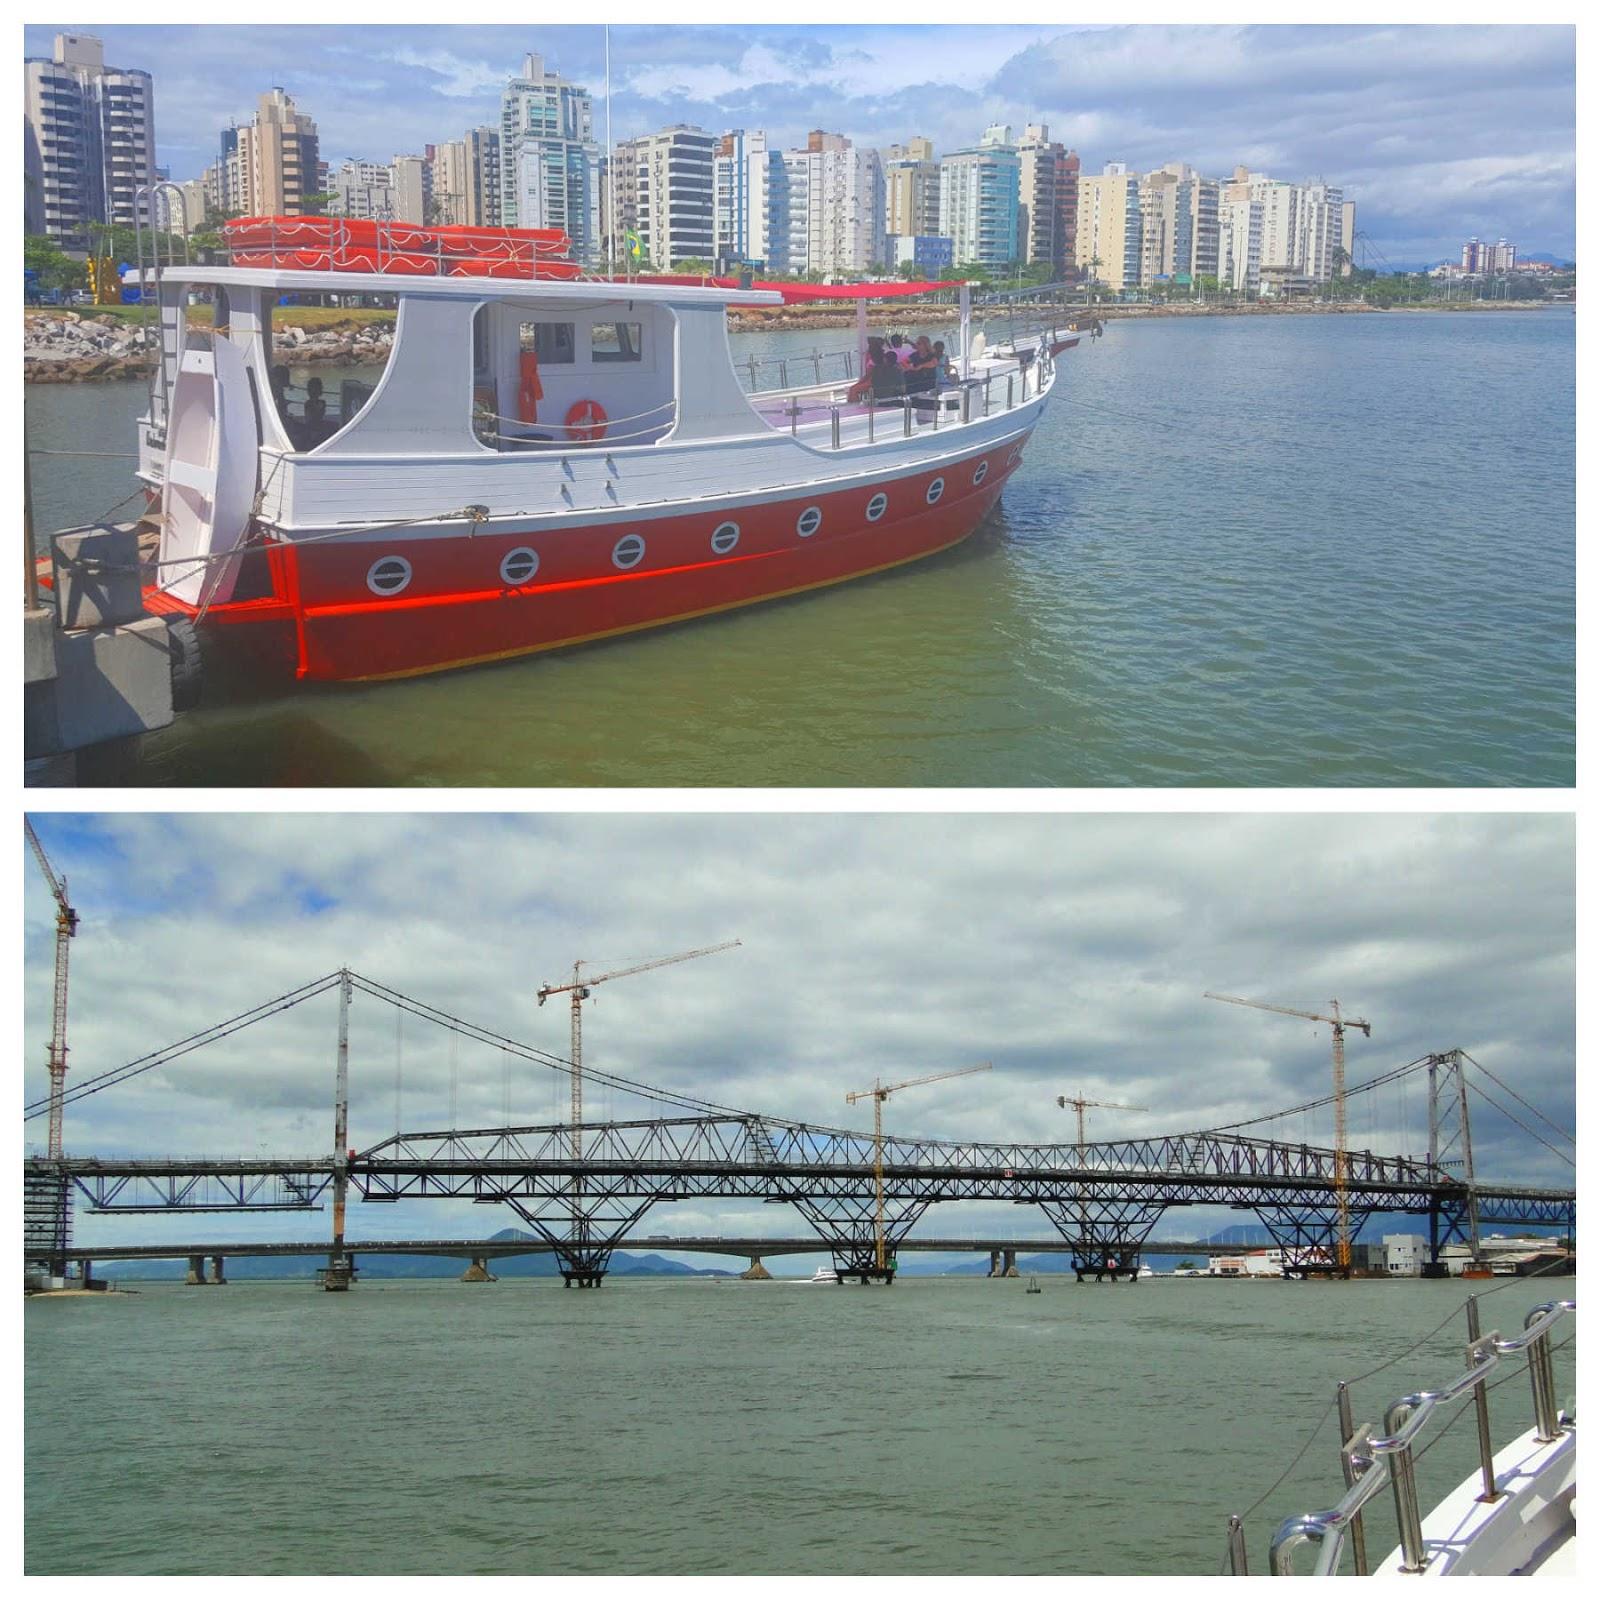 Passeio de barco em Florianópolis